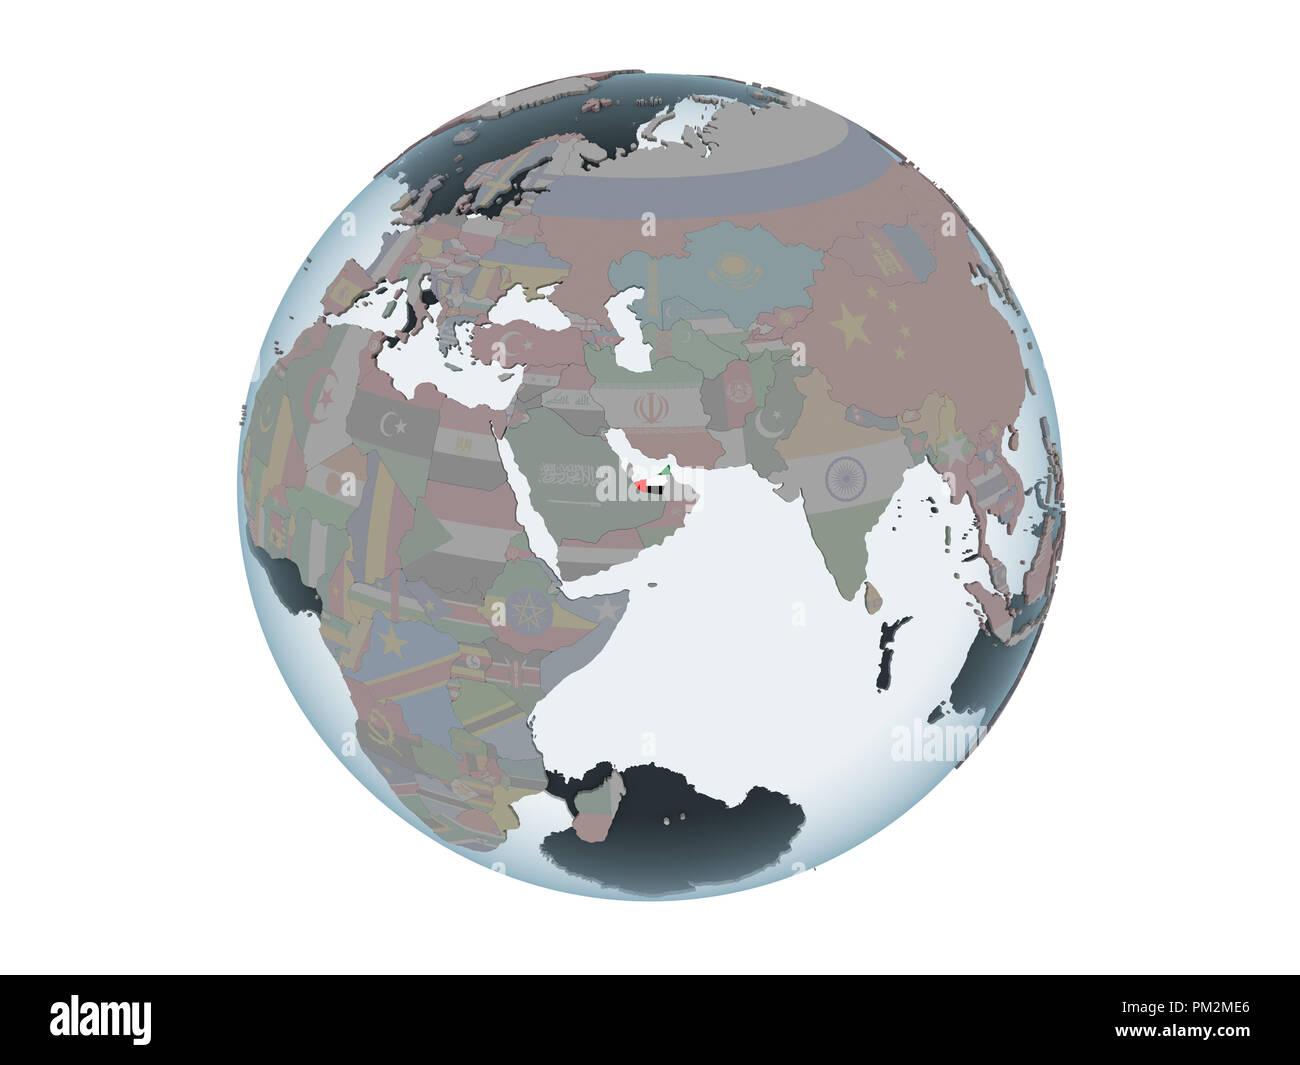 United Arab Emirates on political globe with embedded flag. 3D illustration isolated on white background. - Stock Image